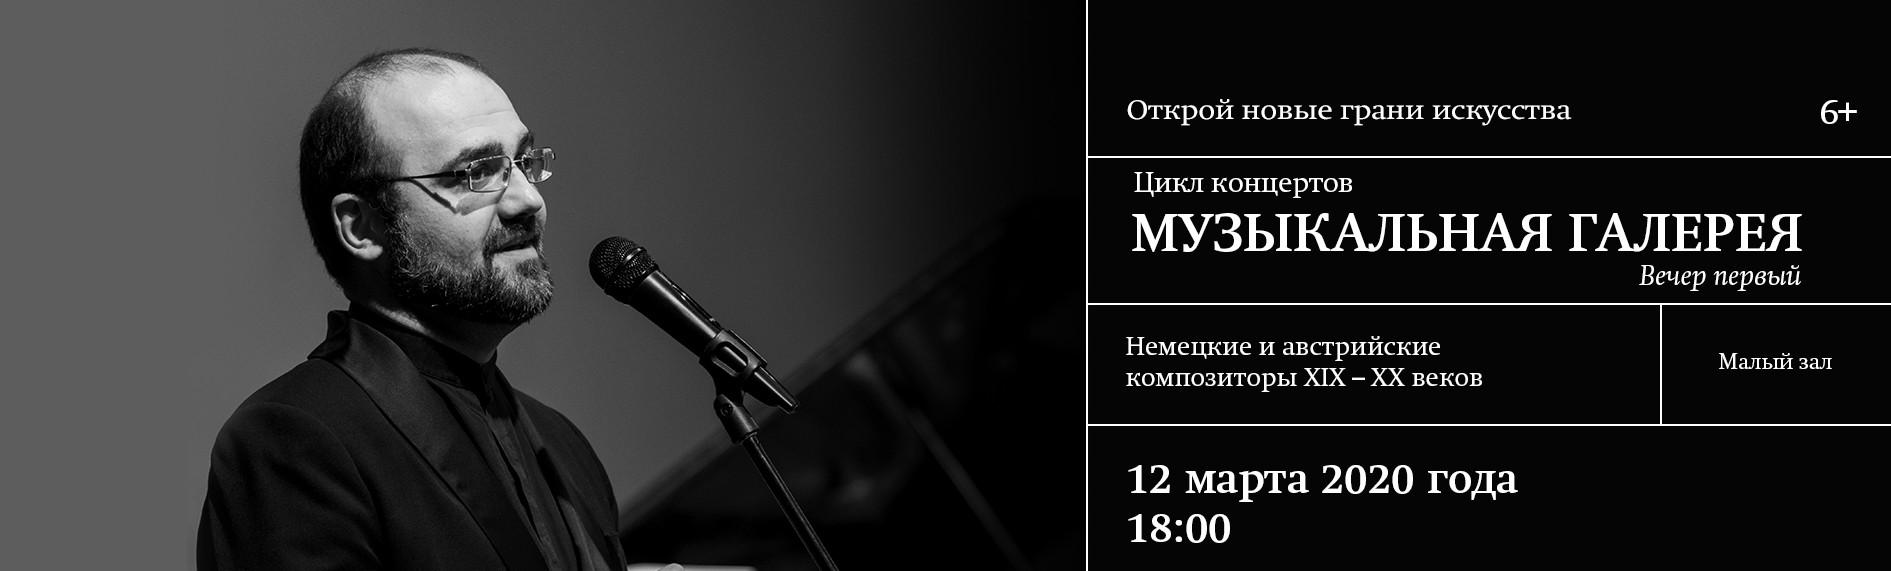 """Концерт """"Музыкальная галерея"""""""